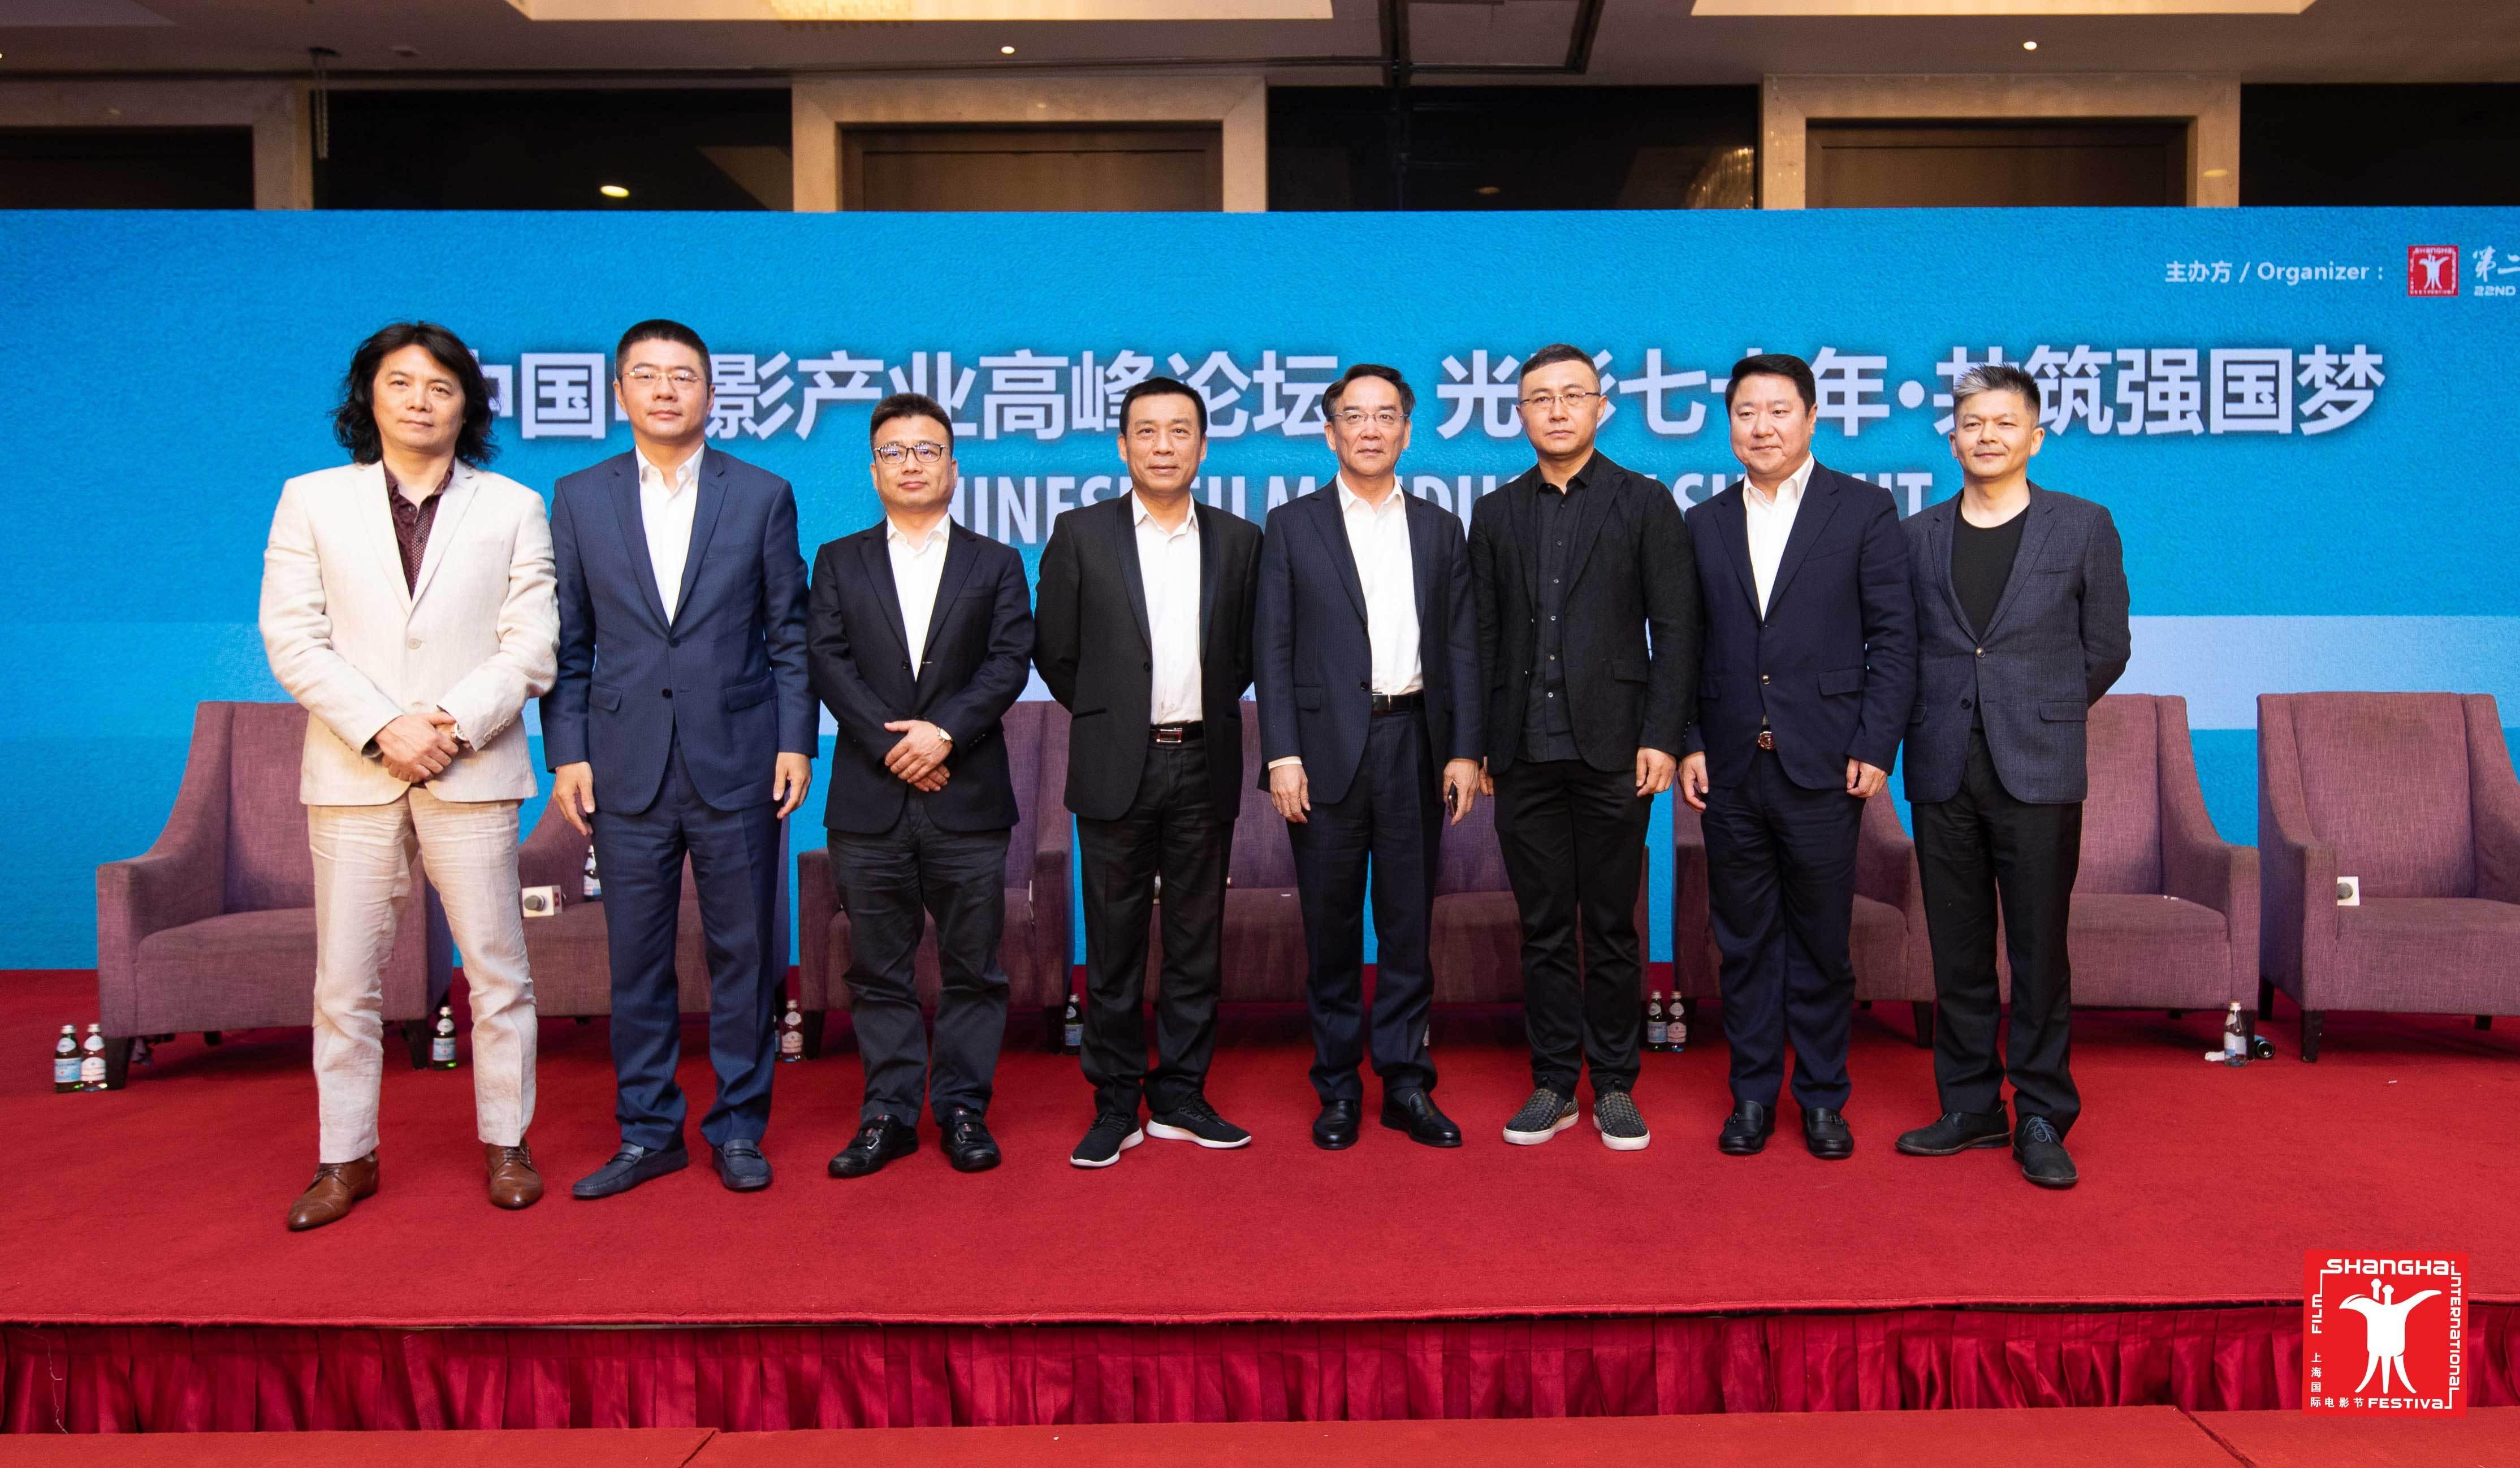 光影七十年·共筑强国梦,腾讯影业程武出席中国